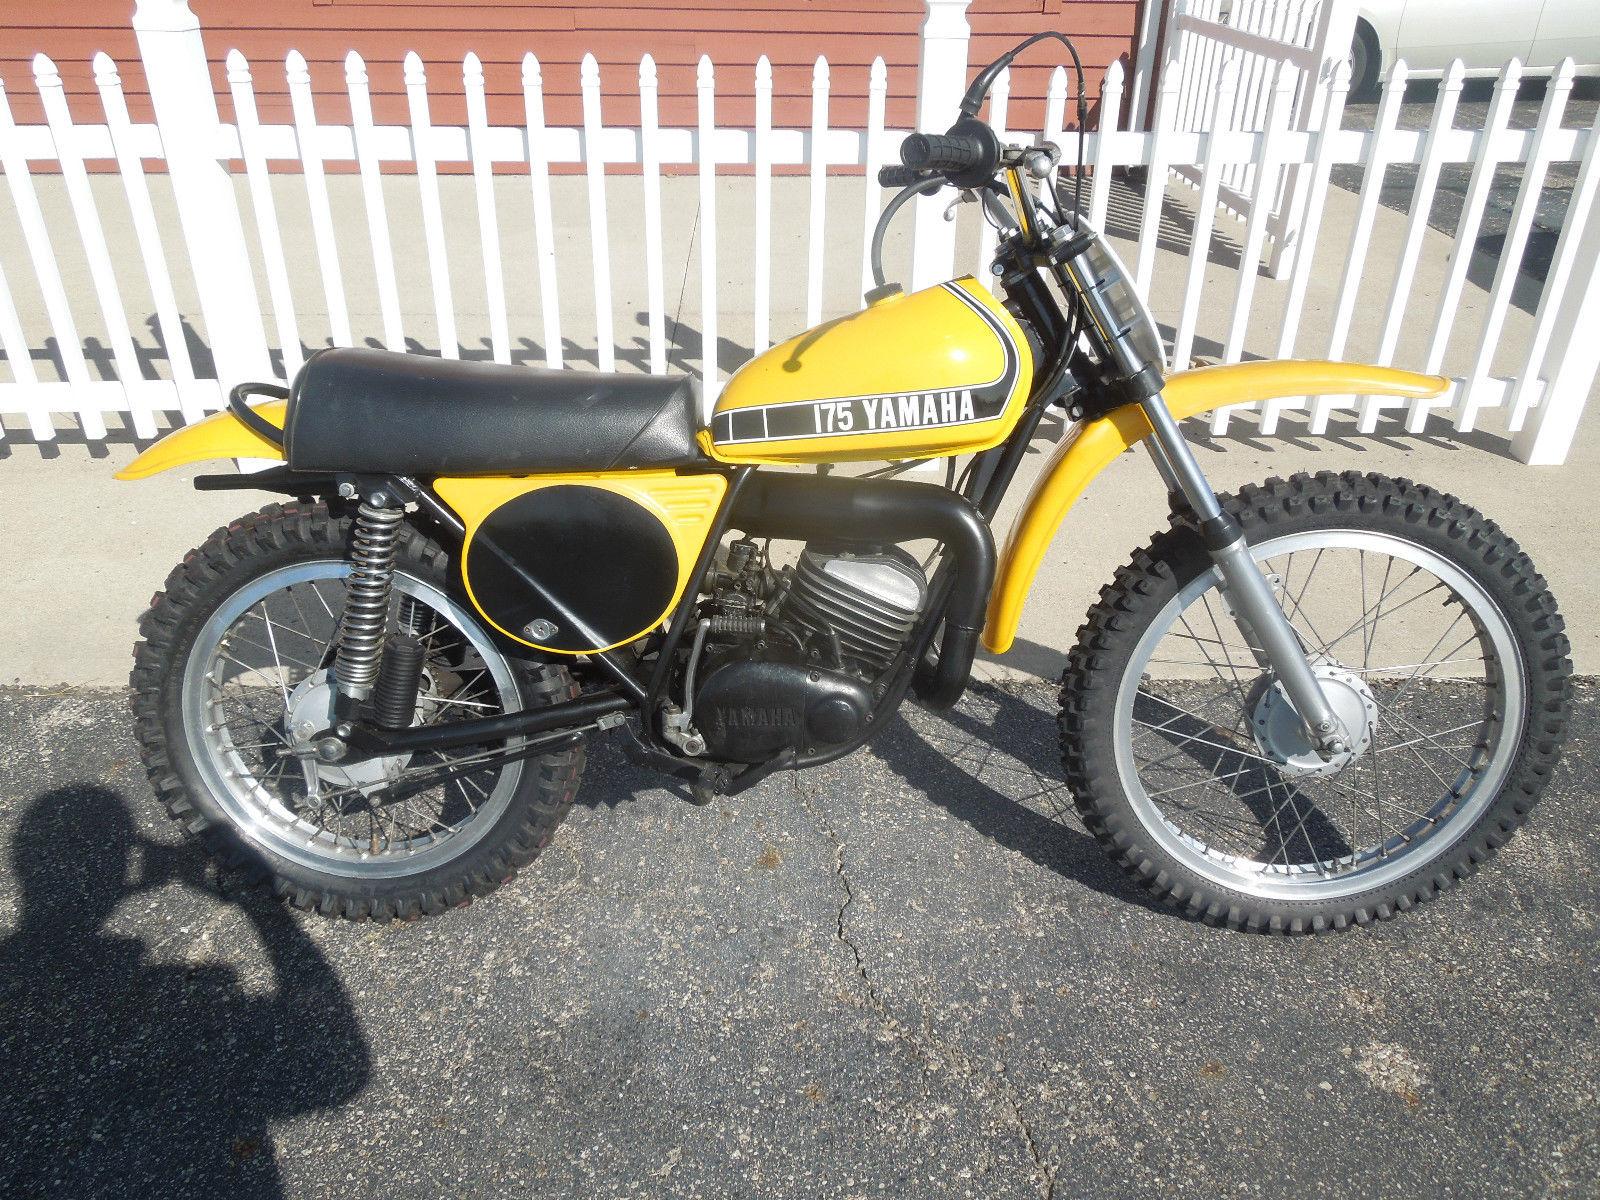 1974 yamaha mx175